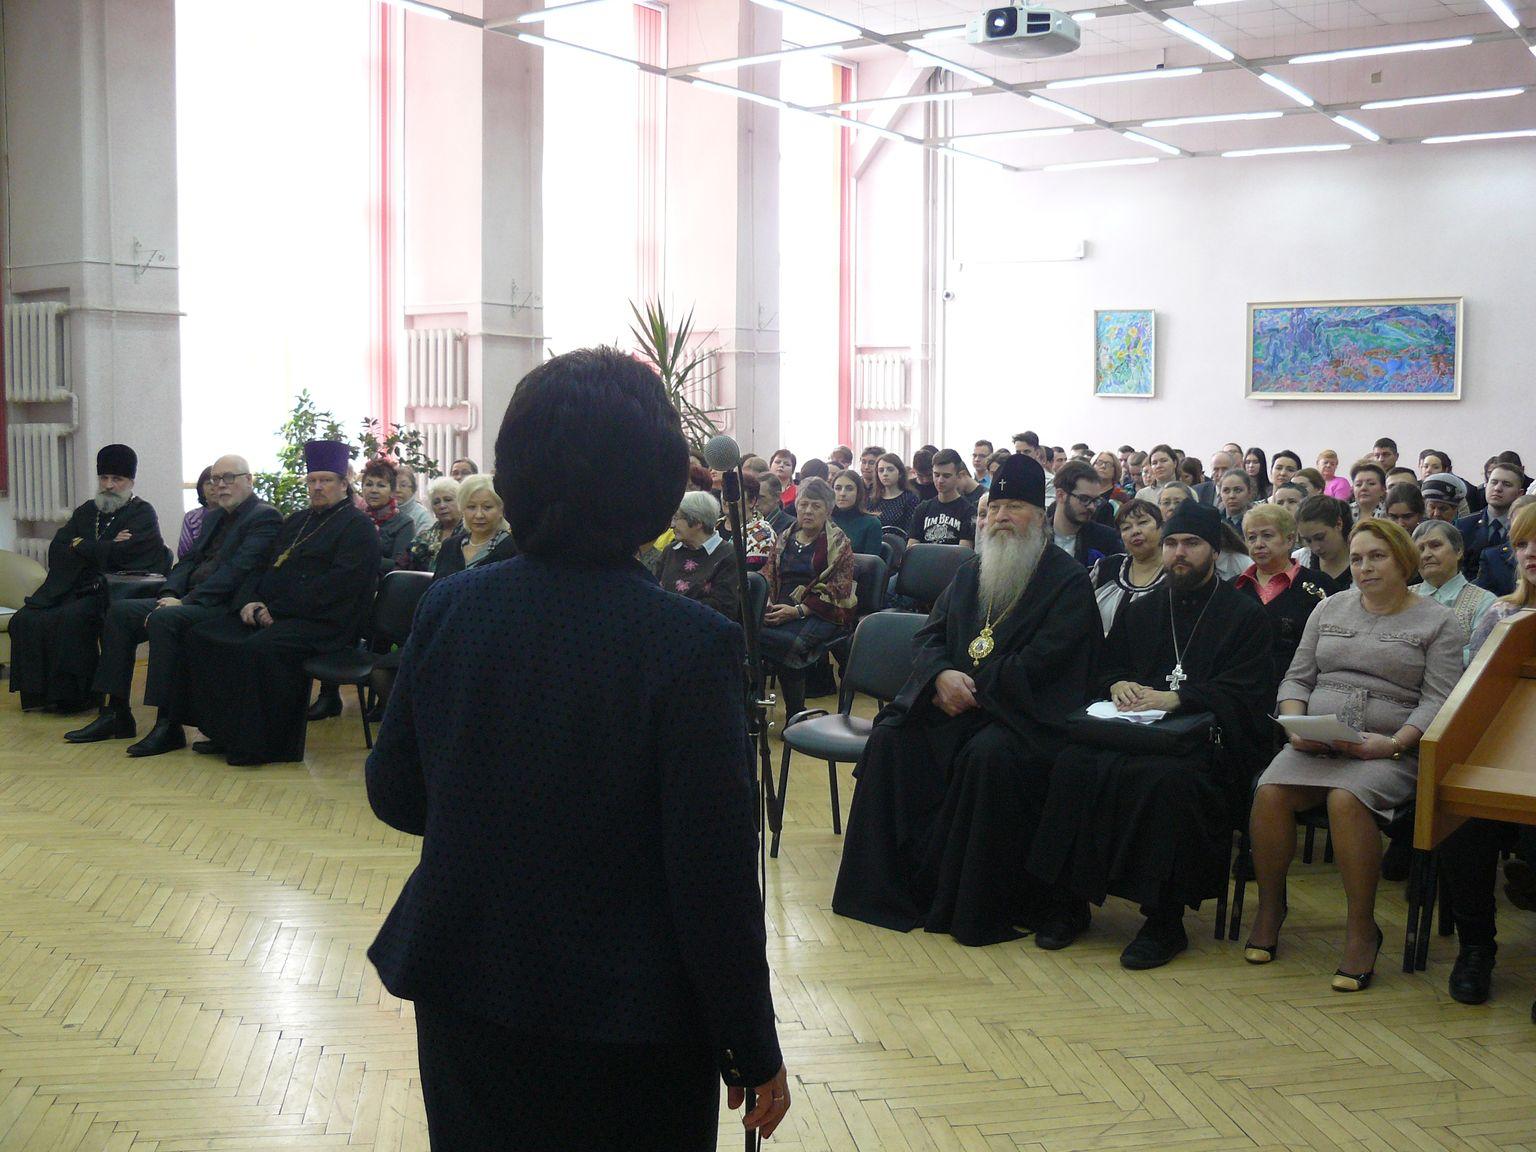 выступление Татьяны Васильевны Брагиной, директора областной научной библиотеки